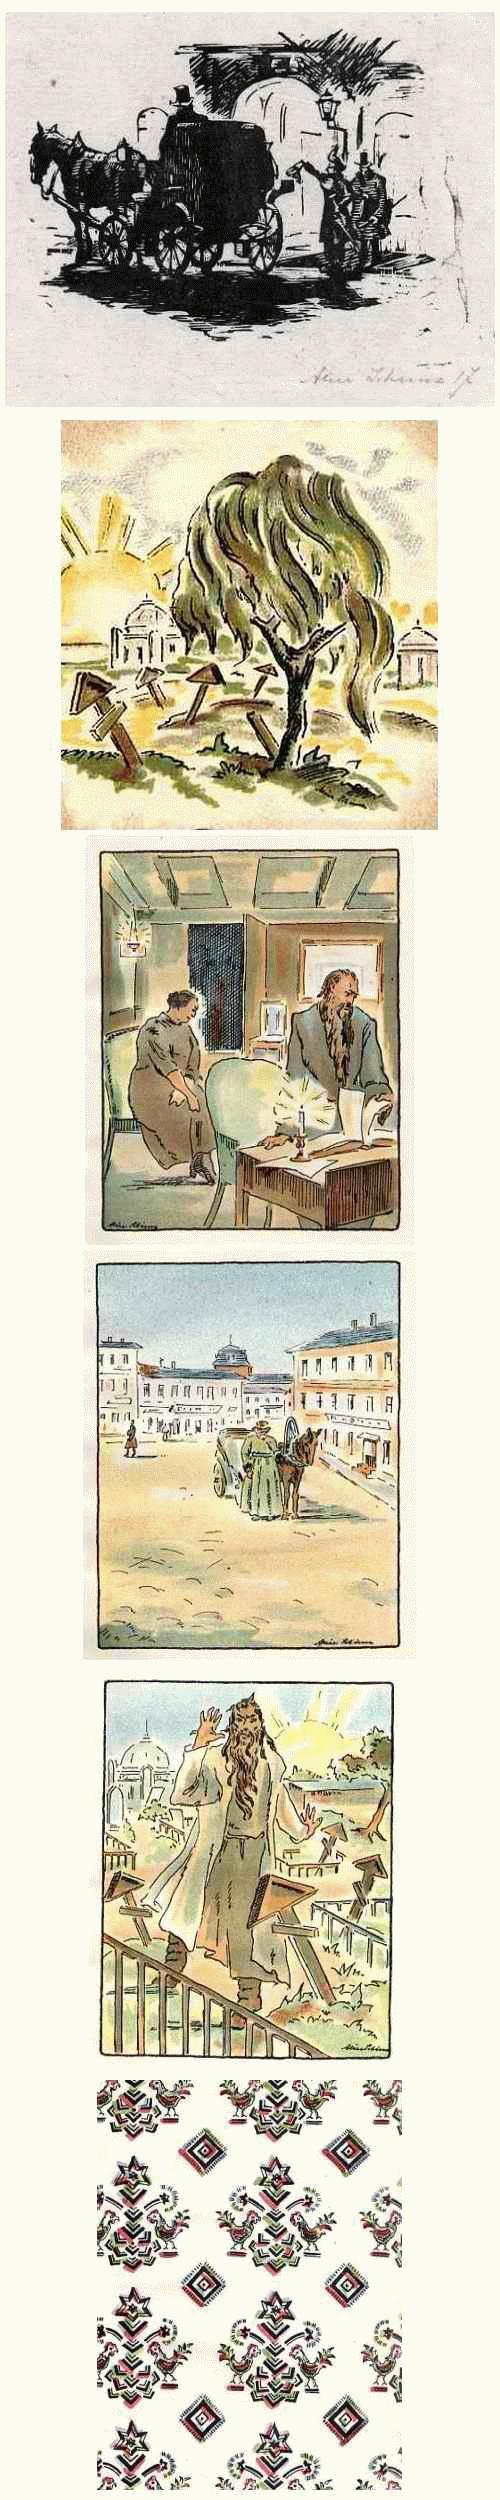 Alice Schinz - ABSCHIED - OriginalHolzschnitt 1917 handsigniert + 8 OriginalLithographien zu Das SCHWEIGEN 1920 kopen? Bied vanaf 85!